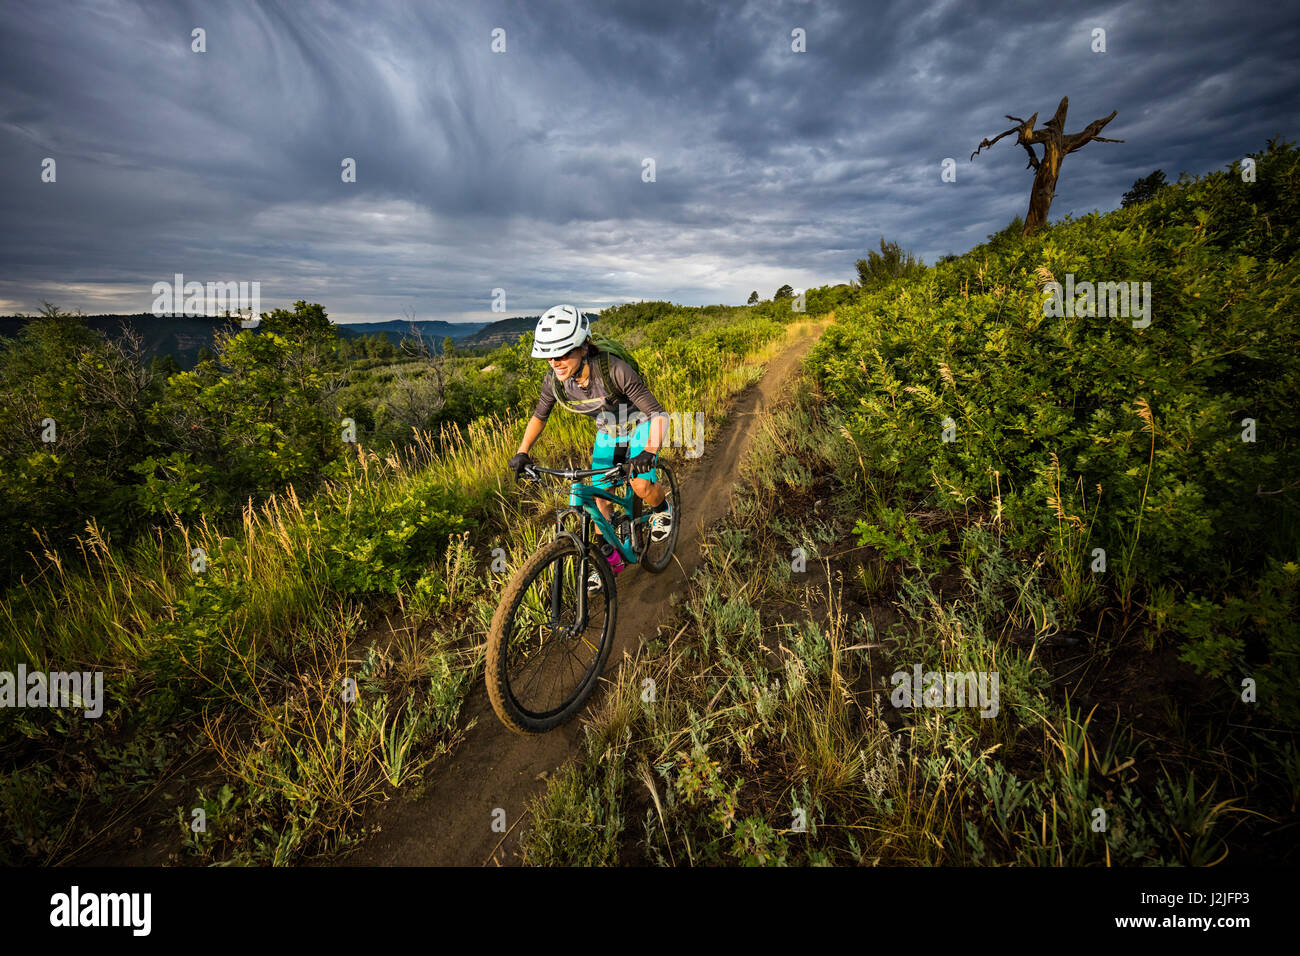 Nichole Baker, el ciclismo de montaña en la Twin Buttes red de senderos, Durango, CO. Imagen De Stock